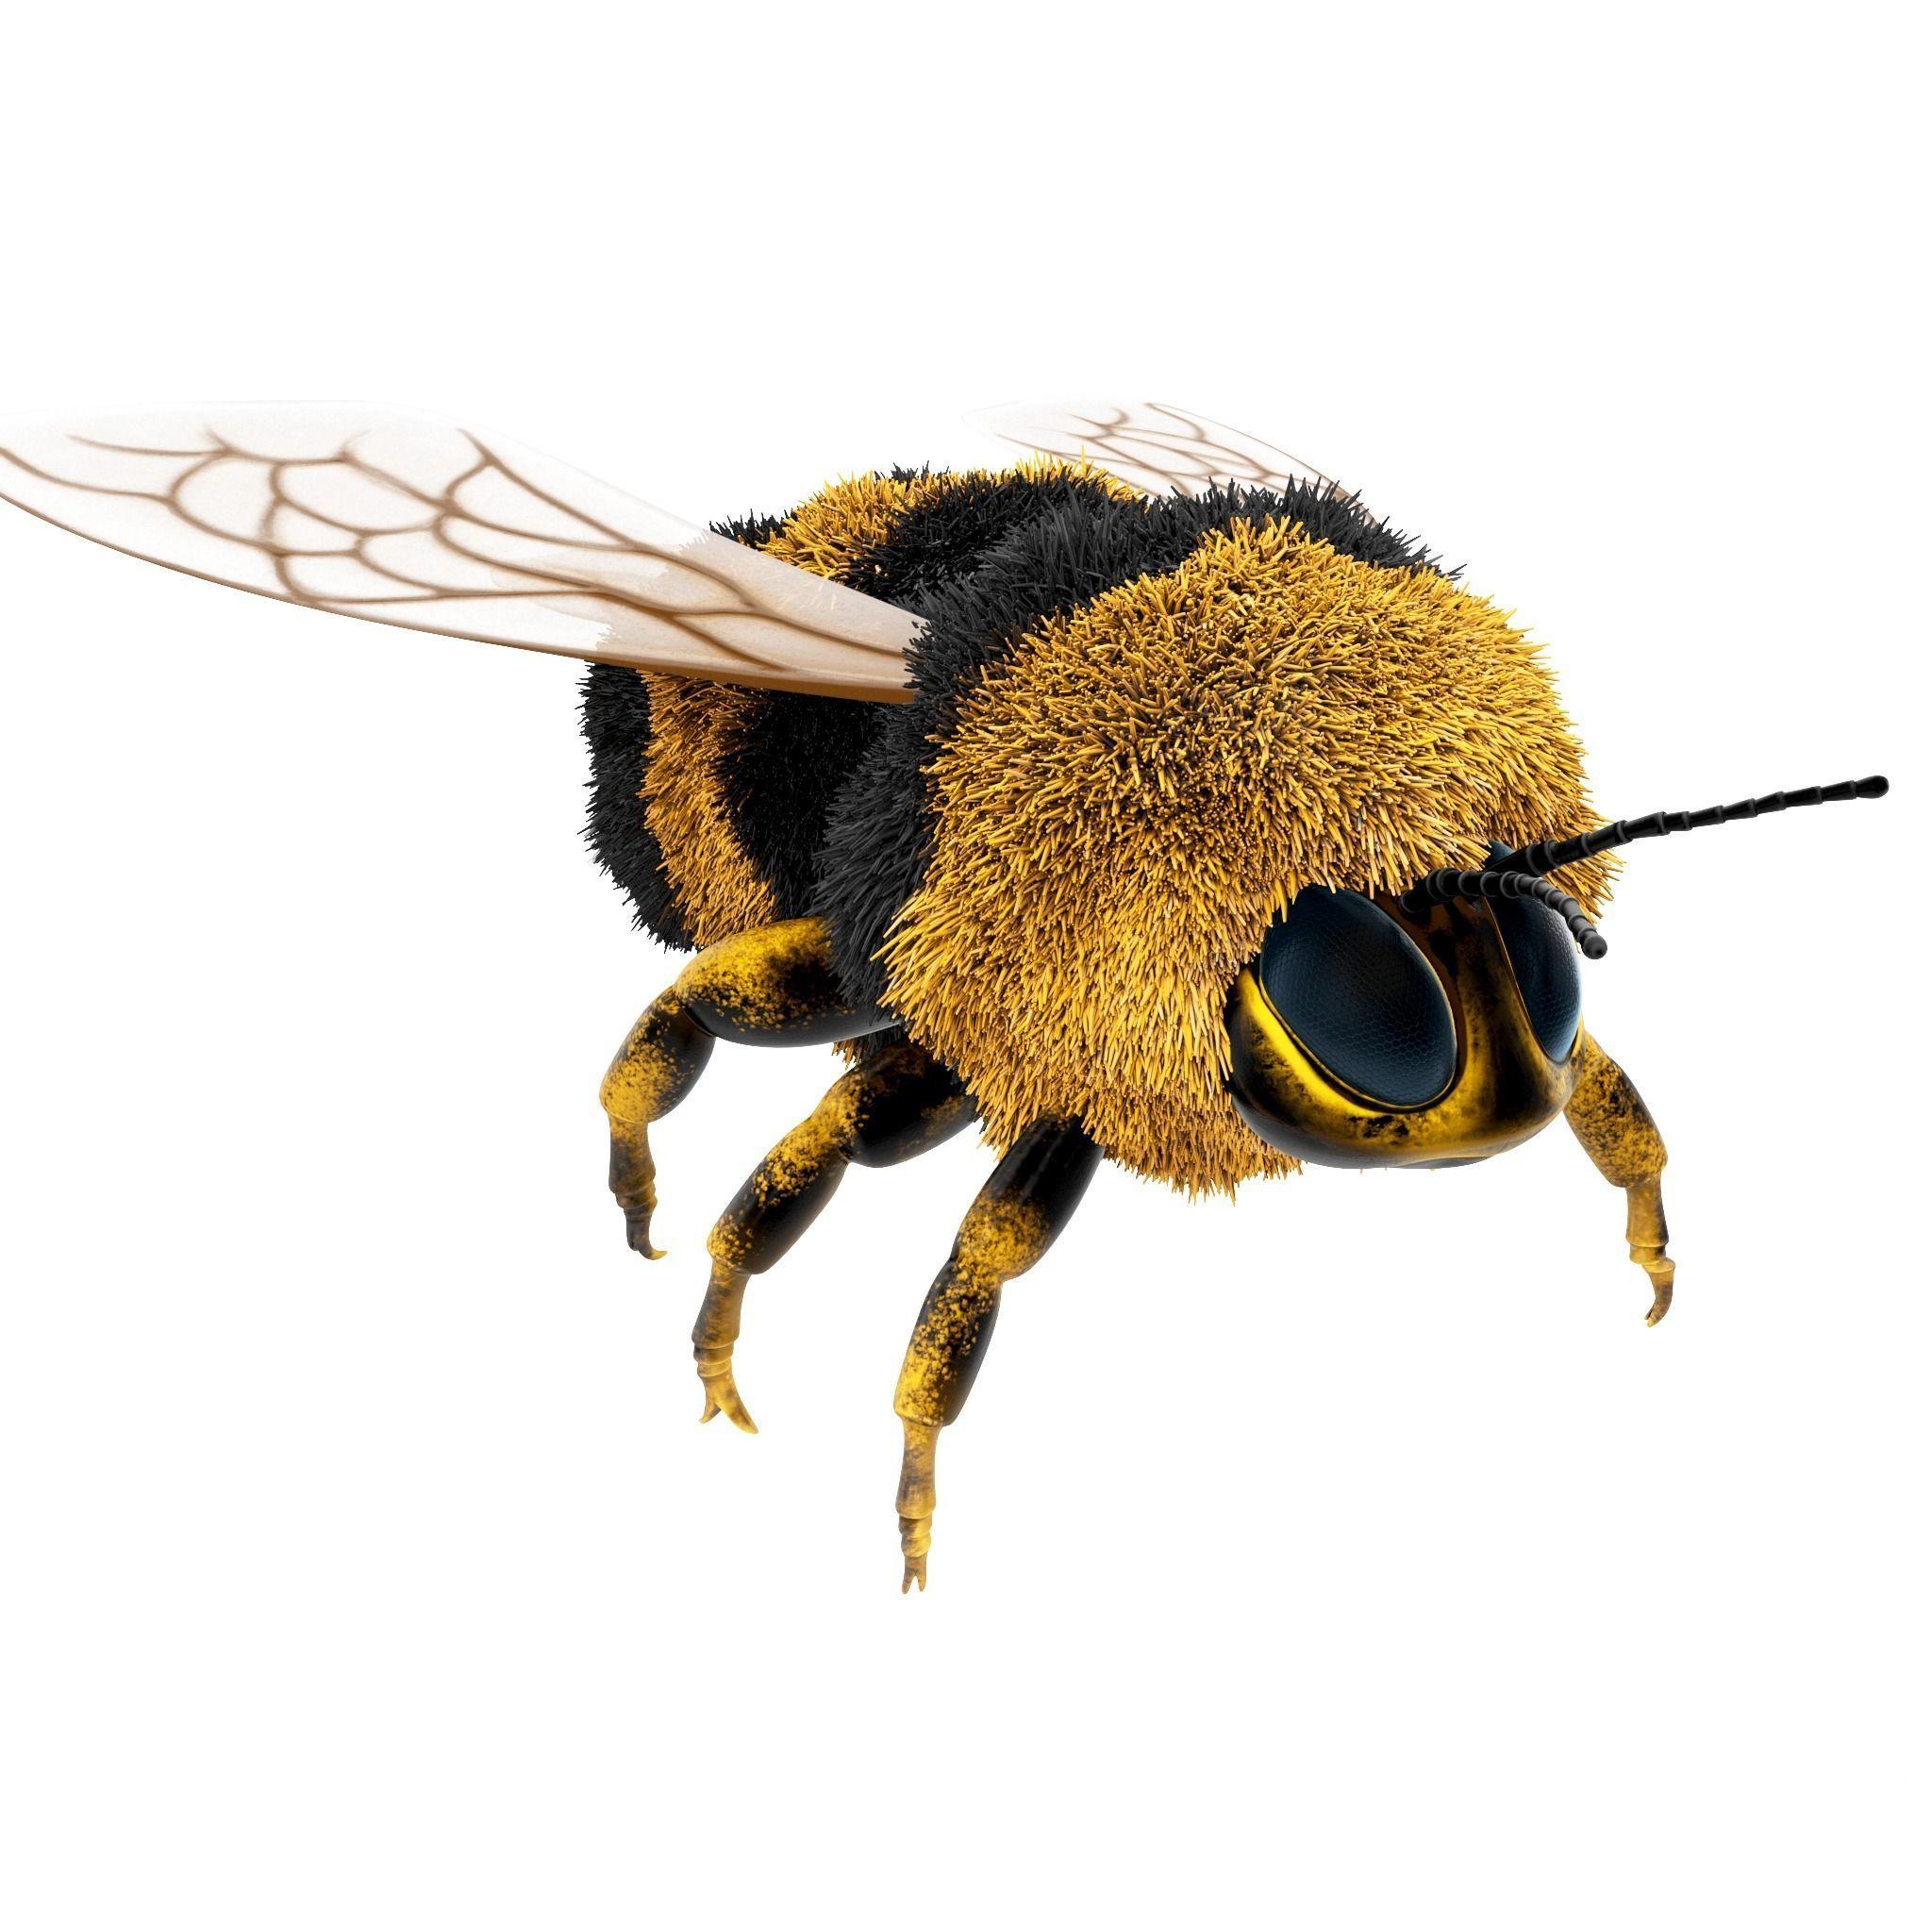 Bumblebee cartoon